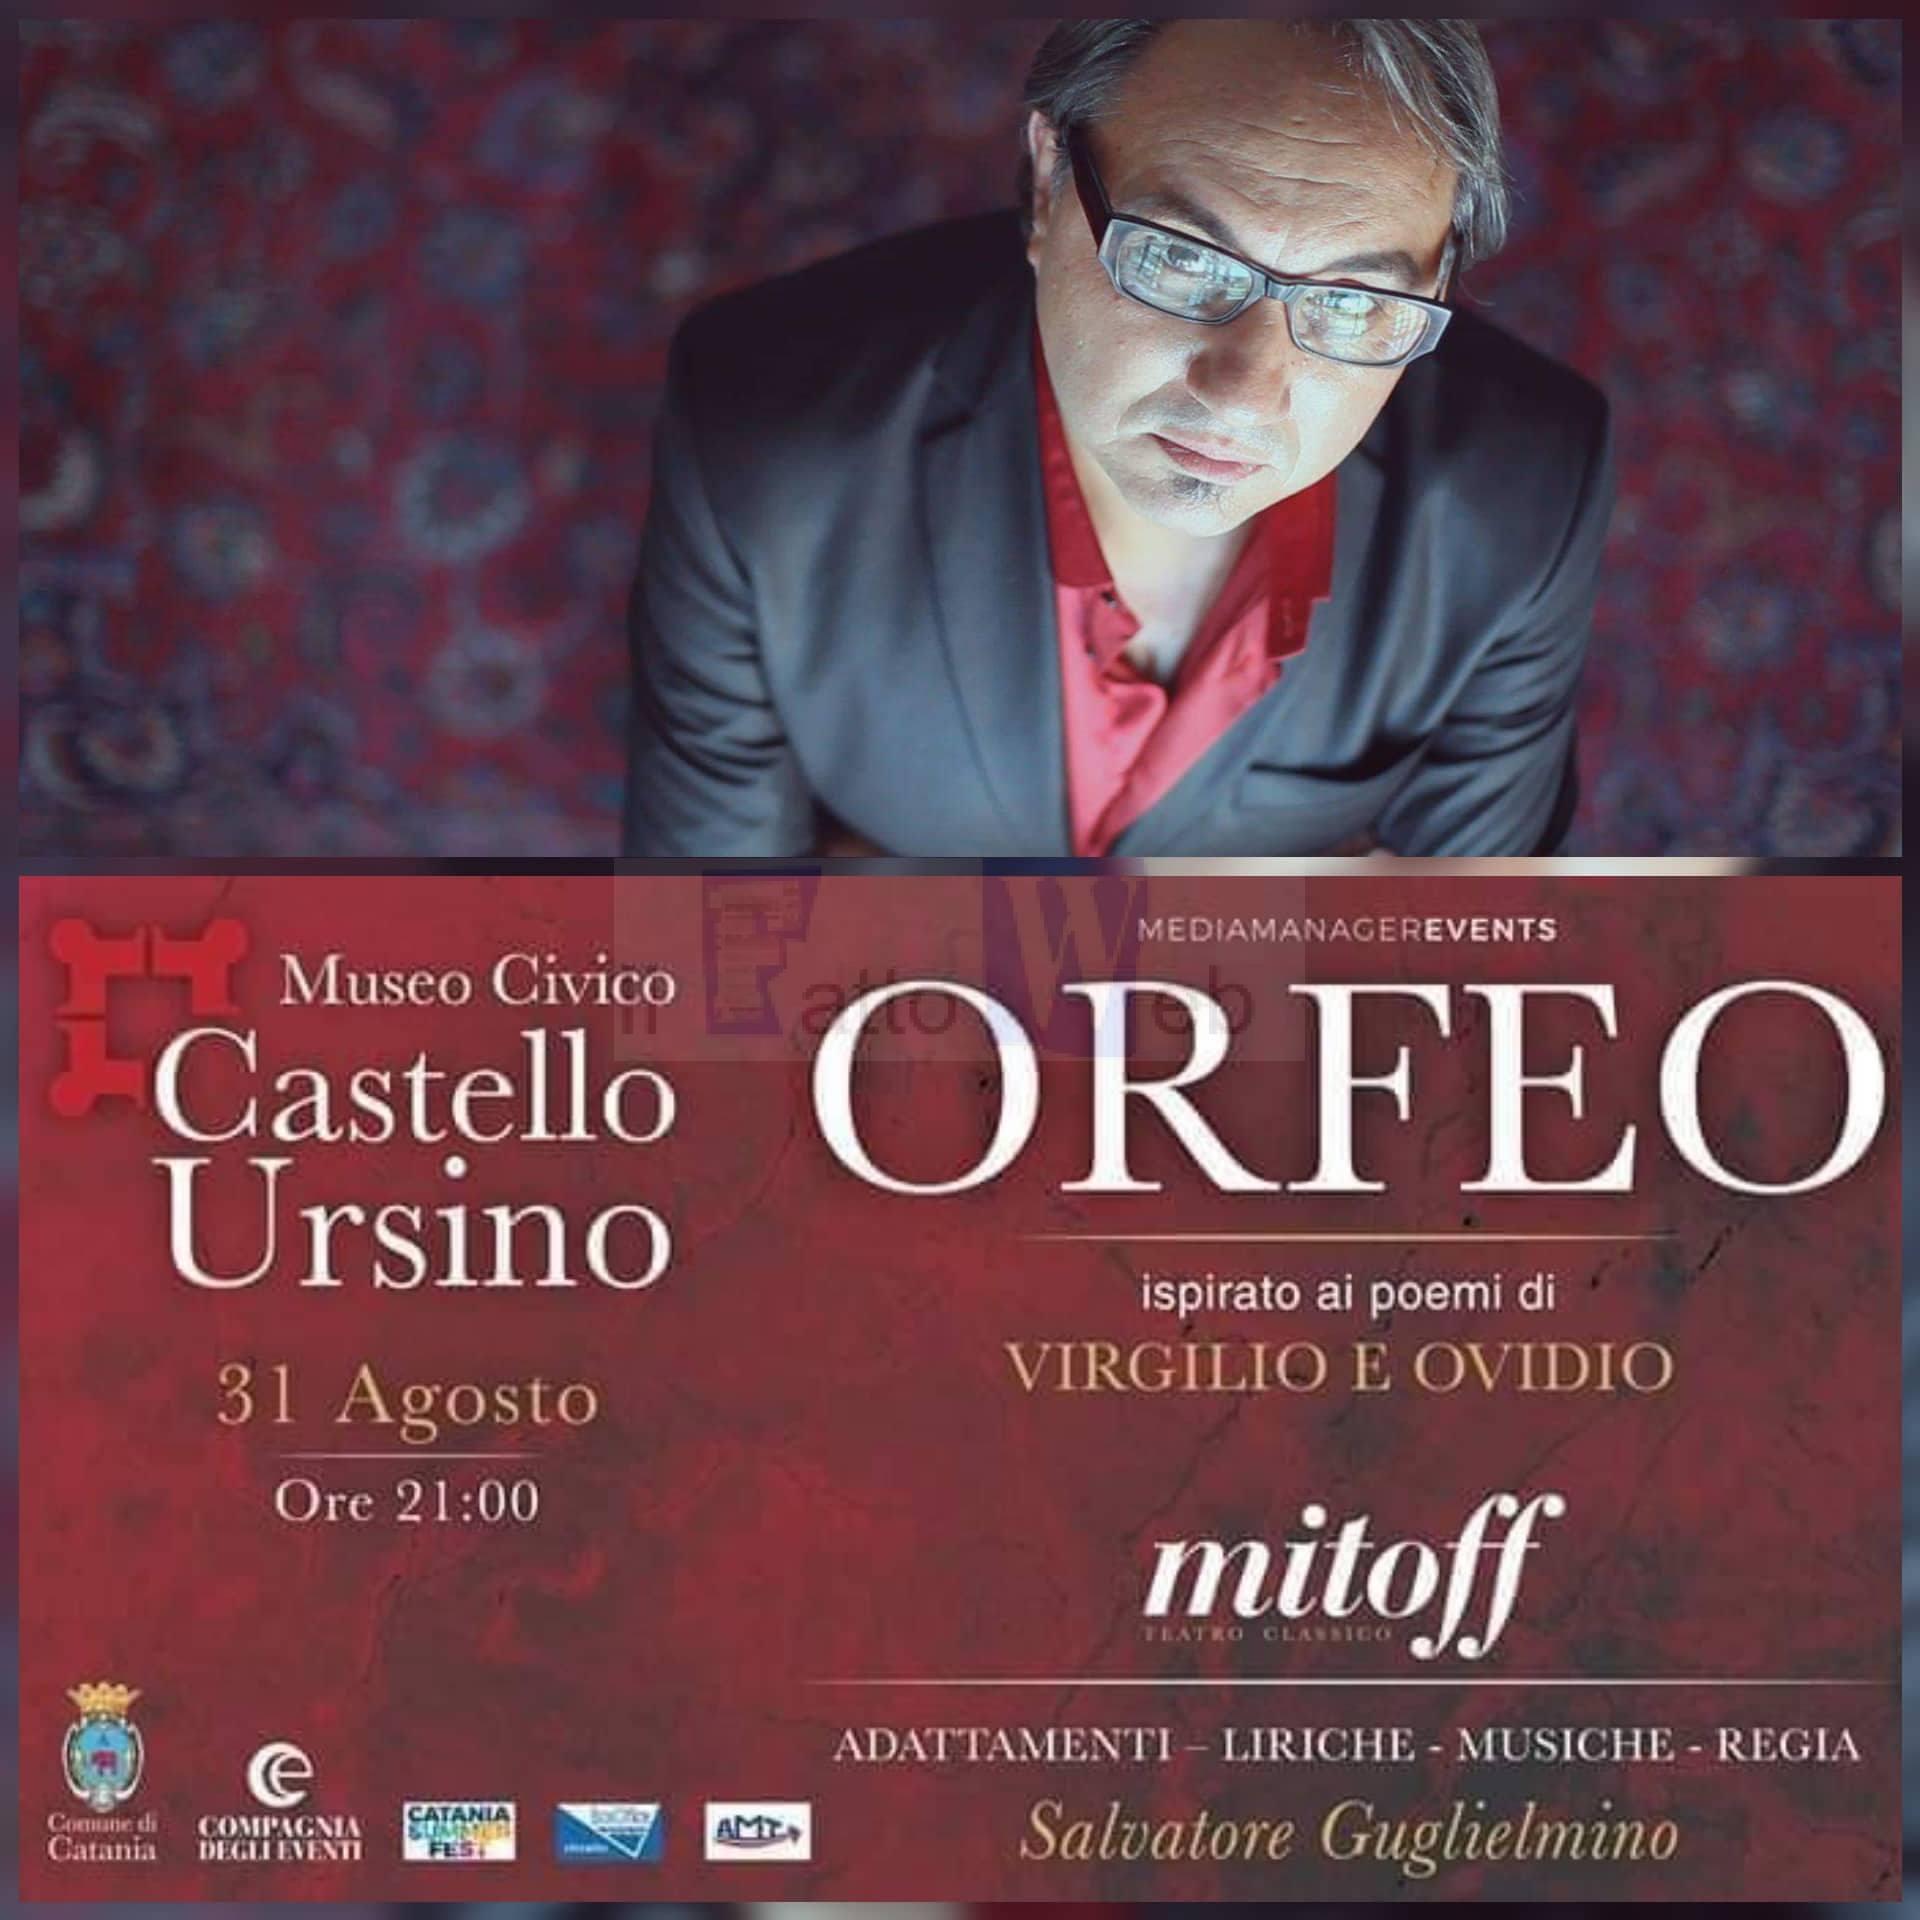 """Al Castello Ursino """"Orfeo"""" inaugura """"Mitoff"""" la rassegna dedicata al teatro classico"""